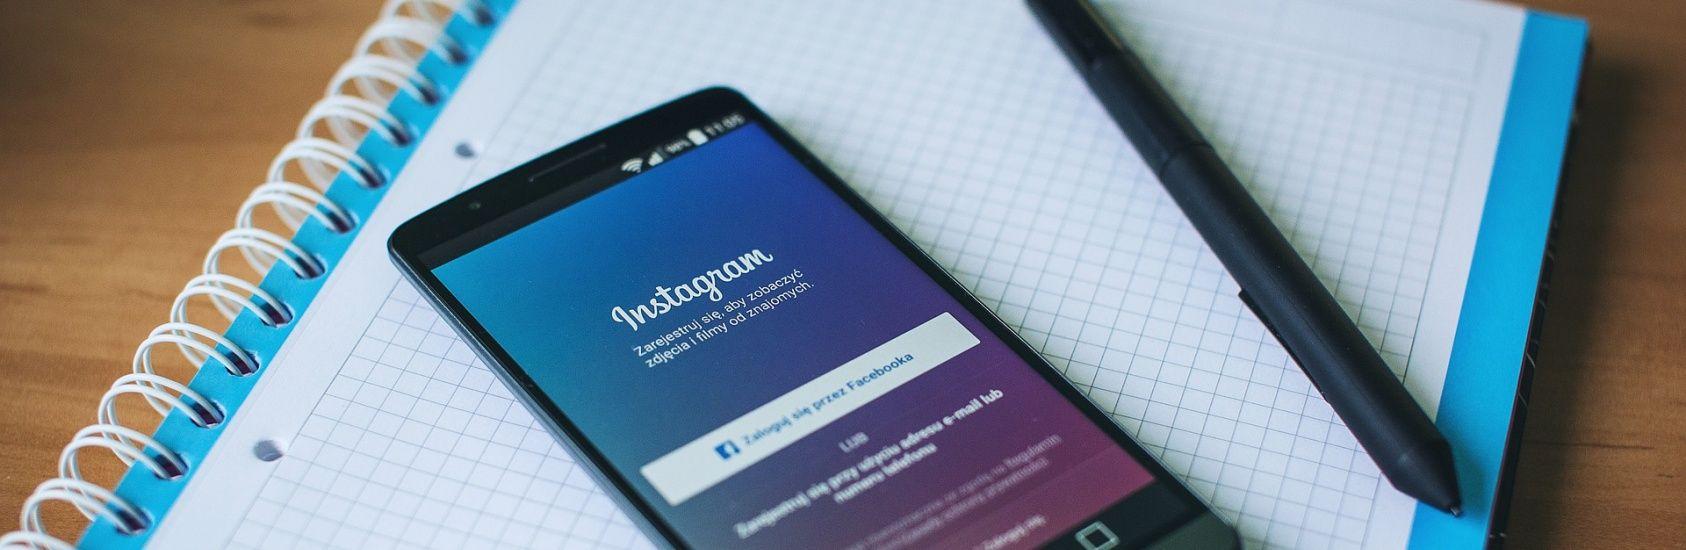 Consejos para mejorar tu contenido de Instagram - Portada